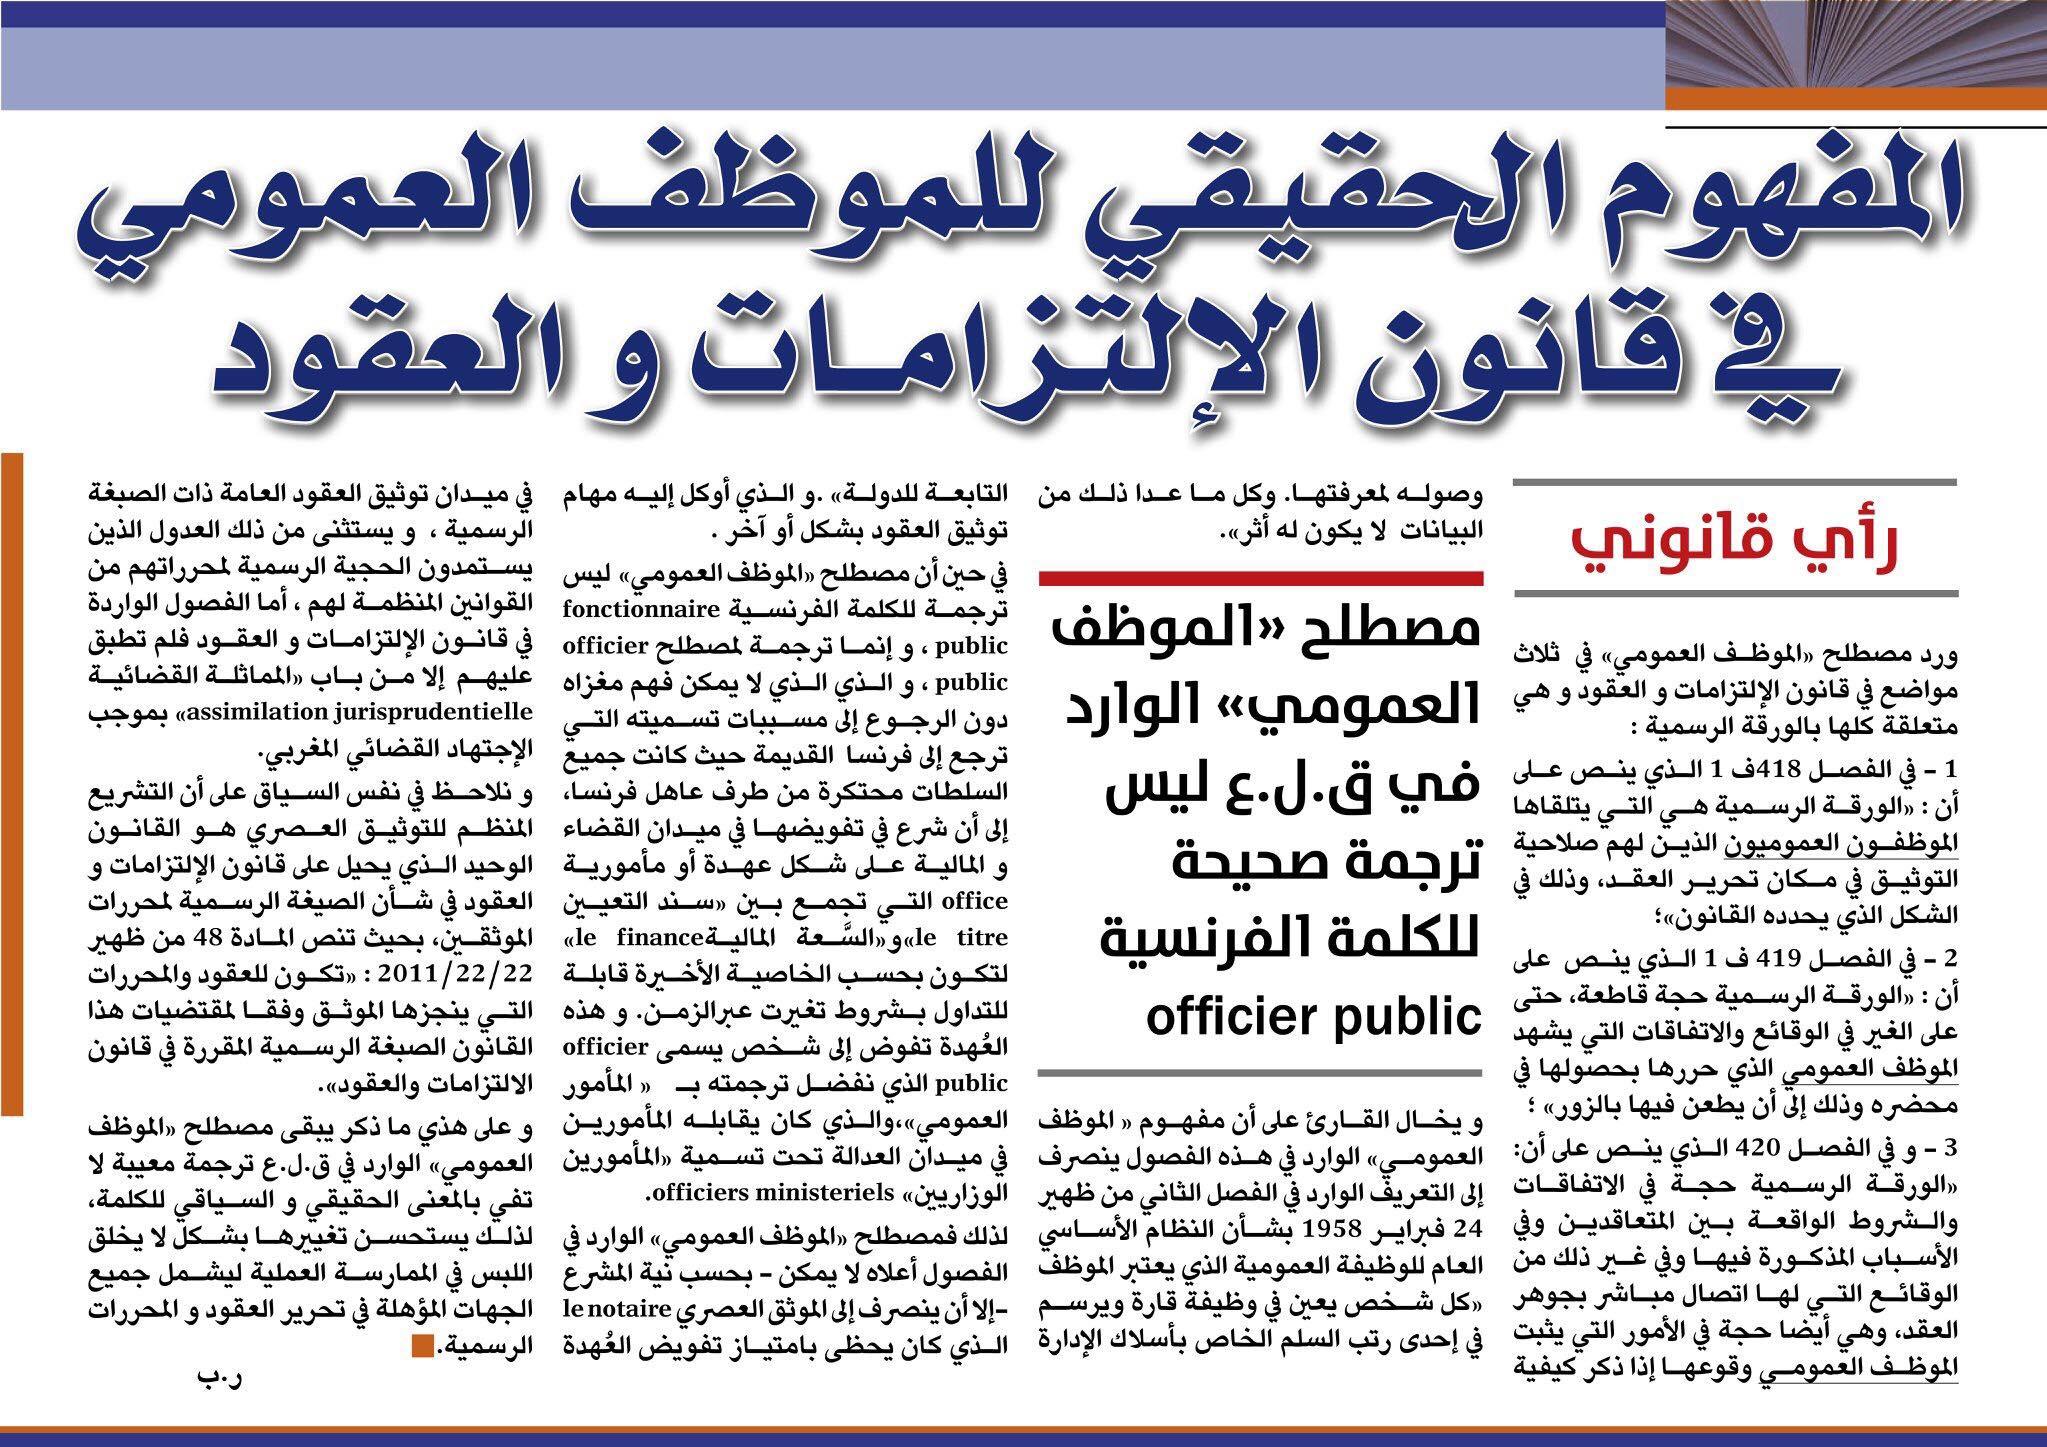 المفهوم الحقيقي للموظف العمومي في قانون الإلتزامات والعقود بقلم رضى بلحسين